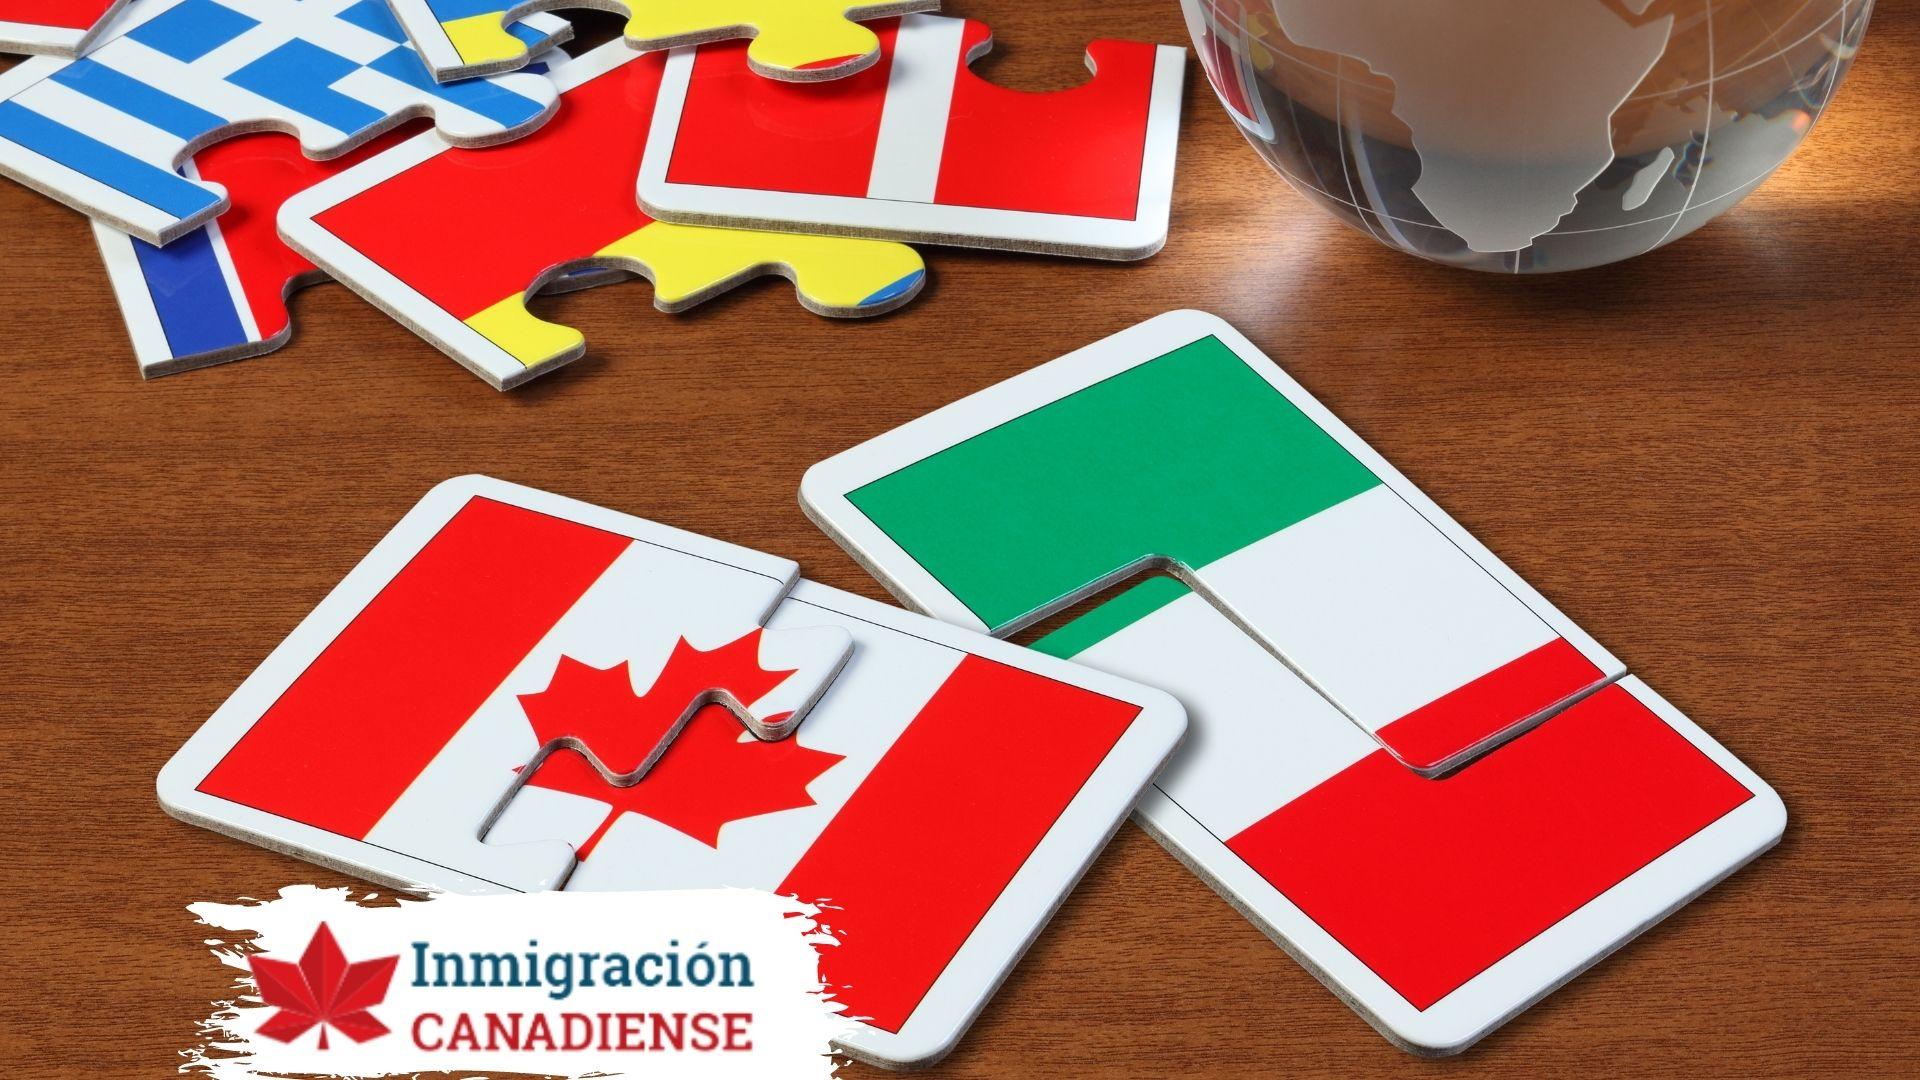 IC (Inmigración Canadiense)